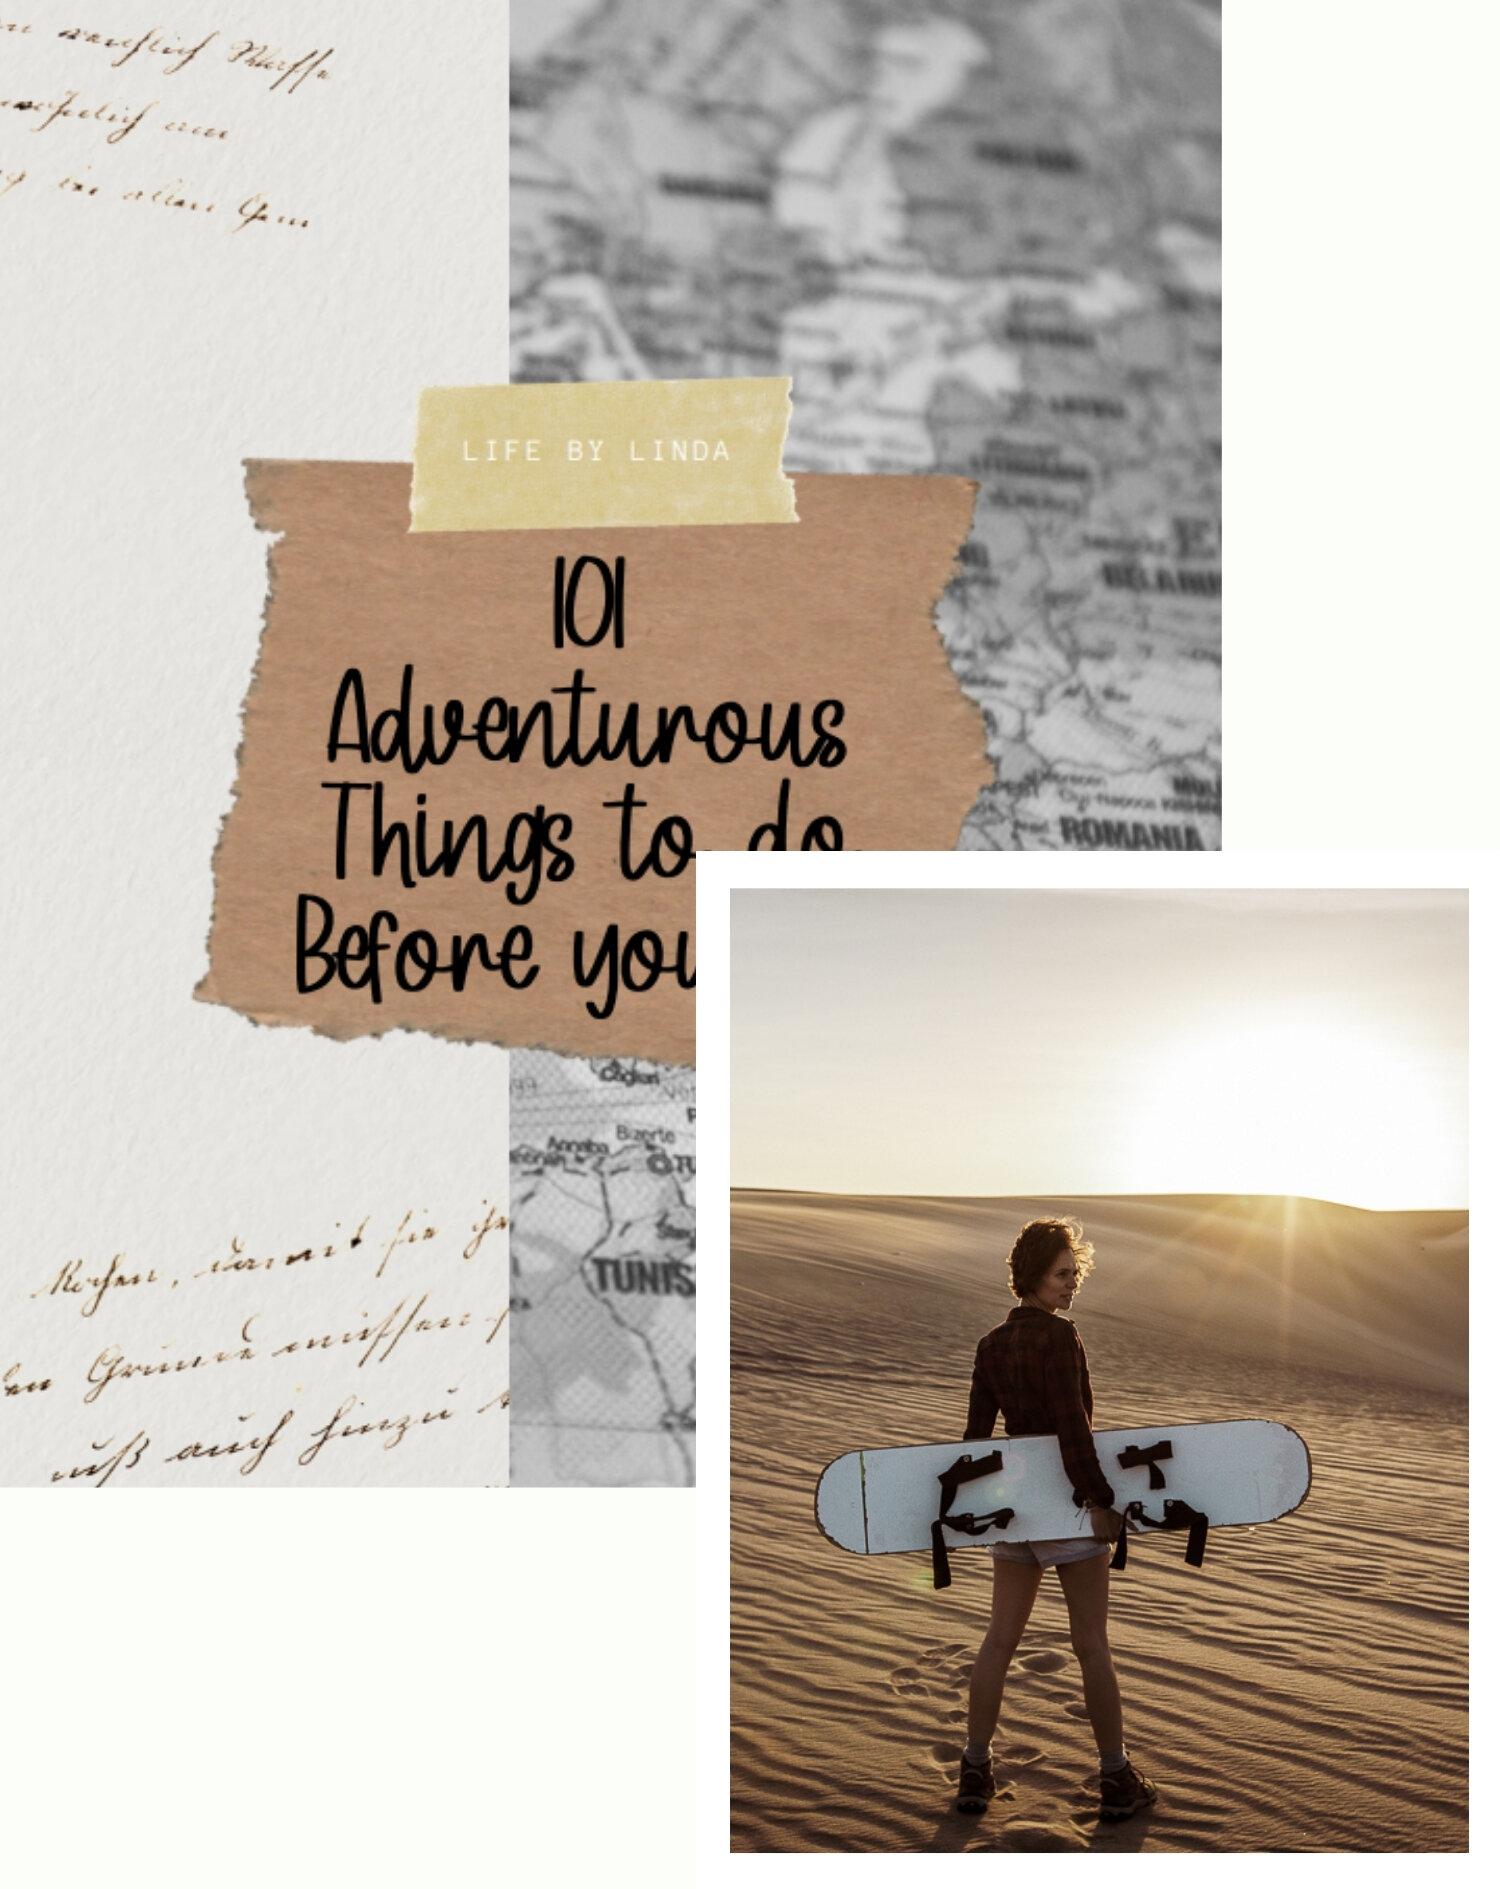 Lifebylinda 101 Adventures Bucketlist Life By Linda